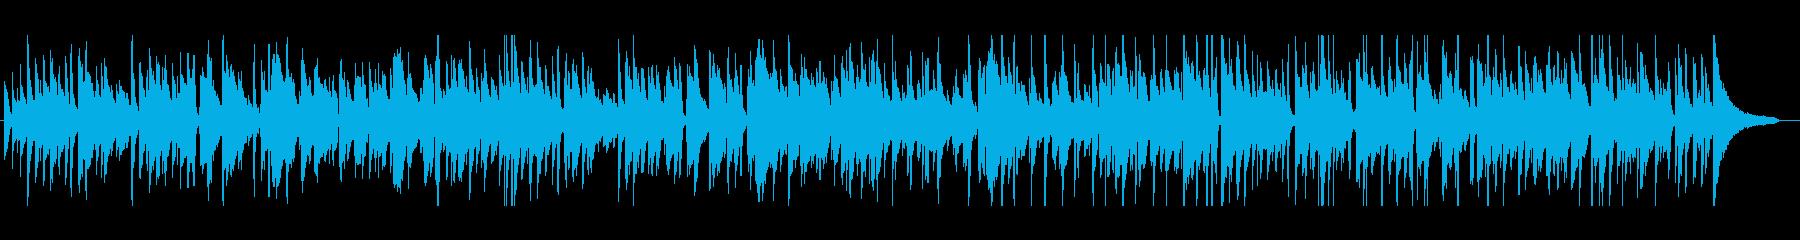 心地よいスタンダードジャズの再生済みの波形